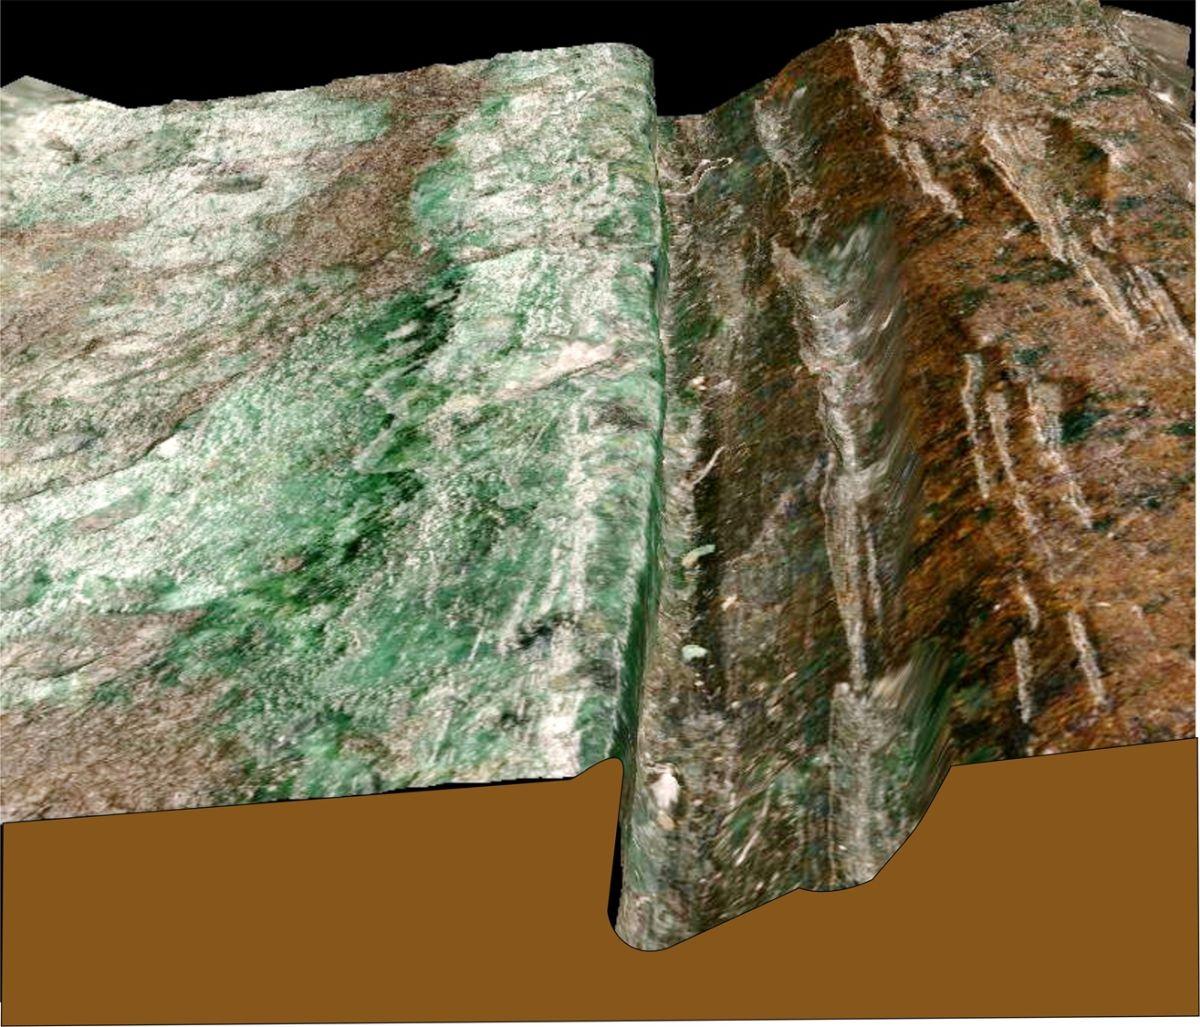 Abbildung 4: Mikroskopaufnahme der Tauschierrille. © Landesamt für Denkmalpflege und Archäologie Sachsen-Anhalt, Christian-Heinrich Wunderlich.